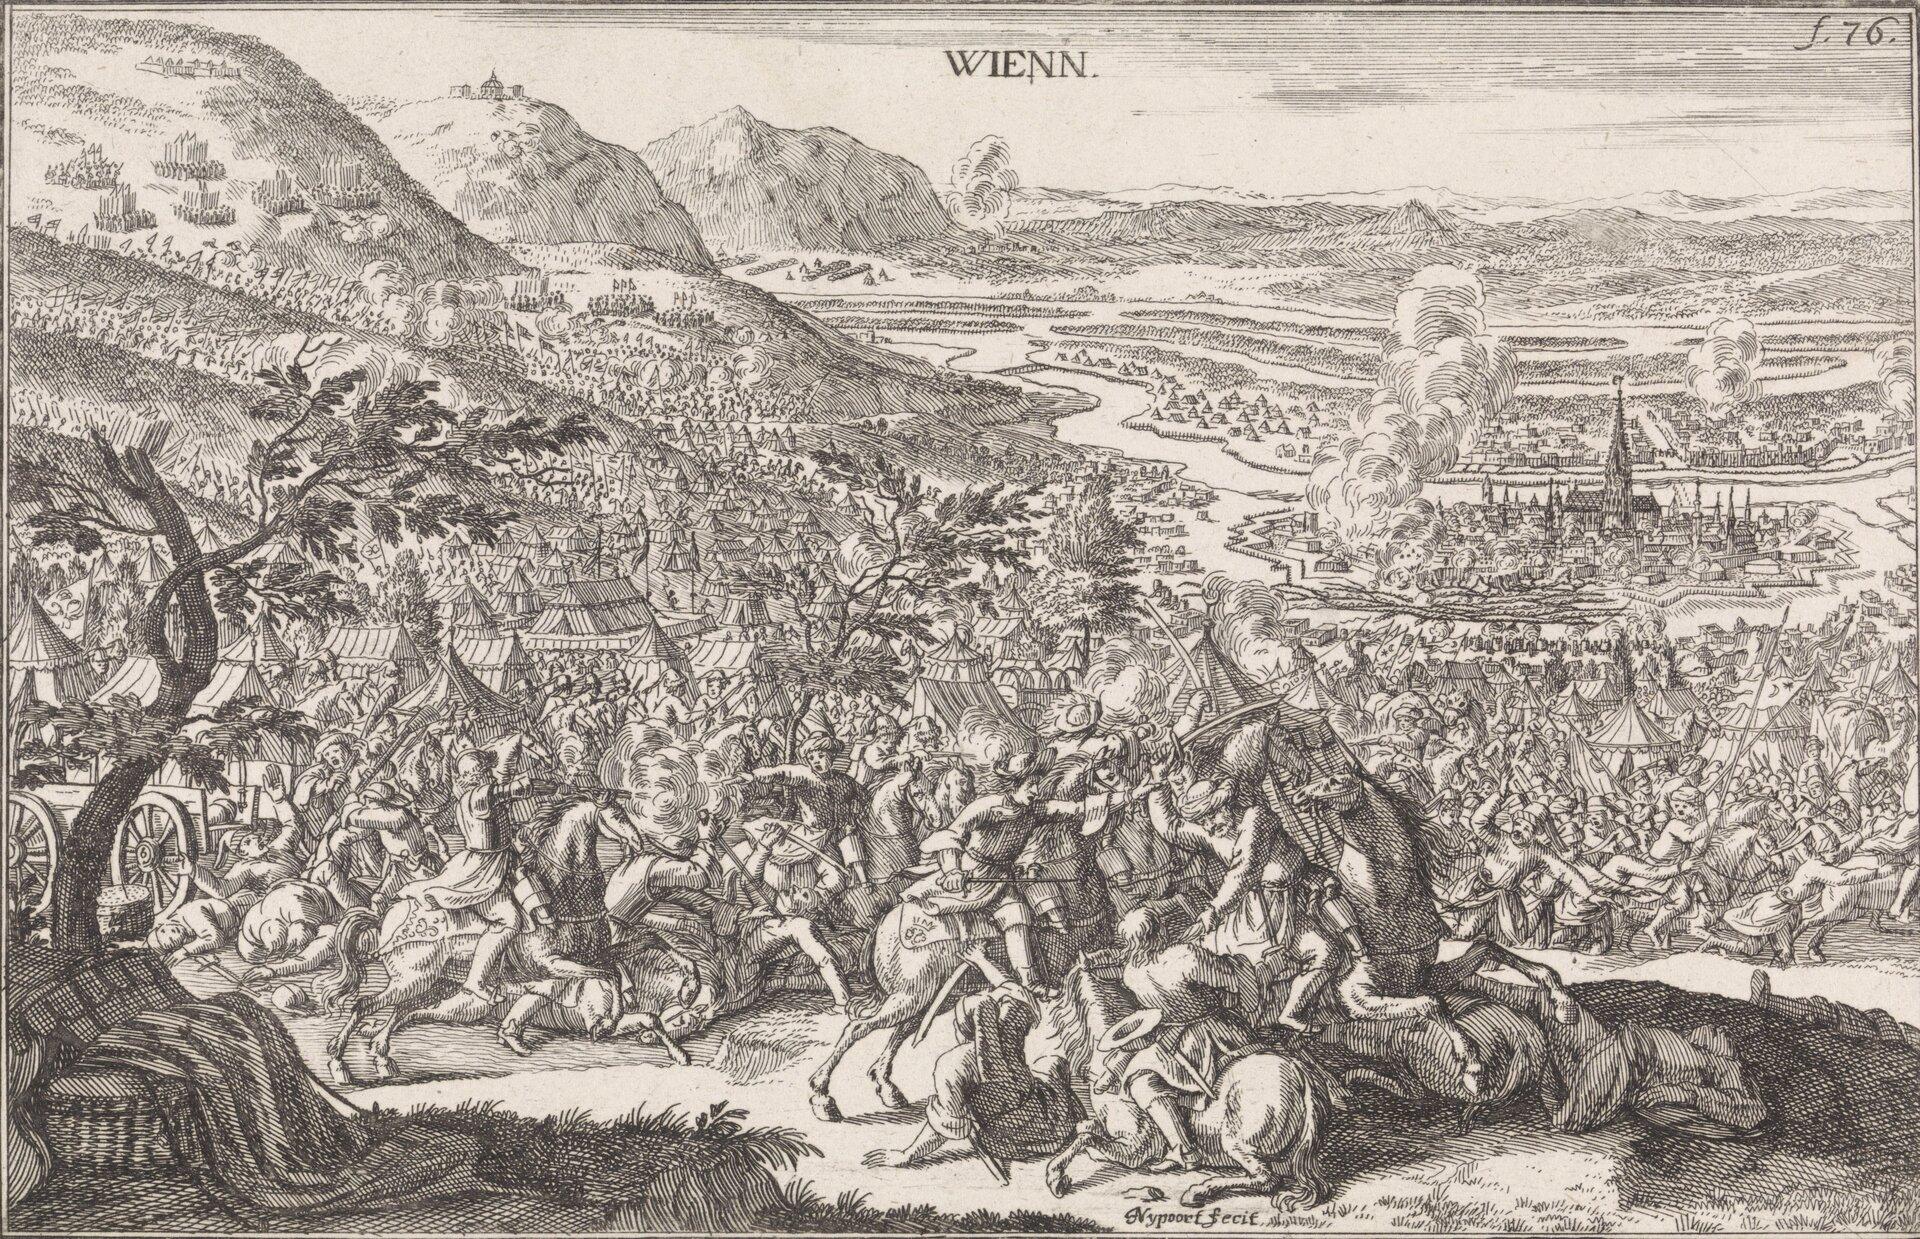 Oblężenie Wiednia Oblężenie Wiednia w1683 roku. Źródło: Justus van den Nijpoort, Oblężenie Wiednia, 1694, akwaforta, Rijksmuseum (hol. Muzeum Państwowe) wAmsterdamie, domena publiczna.